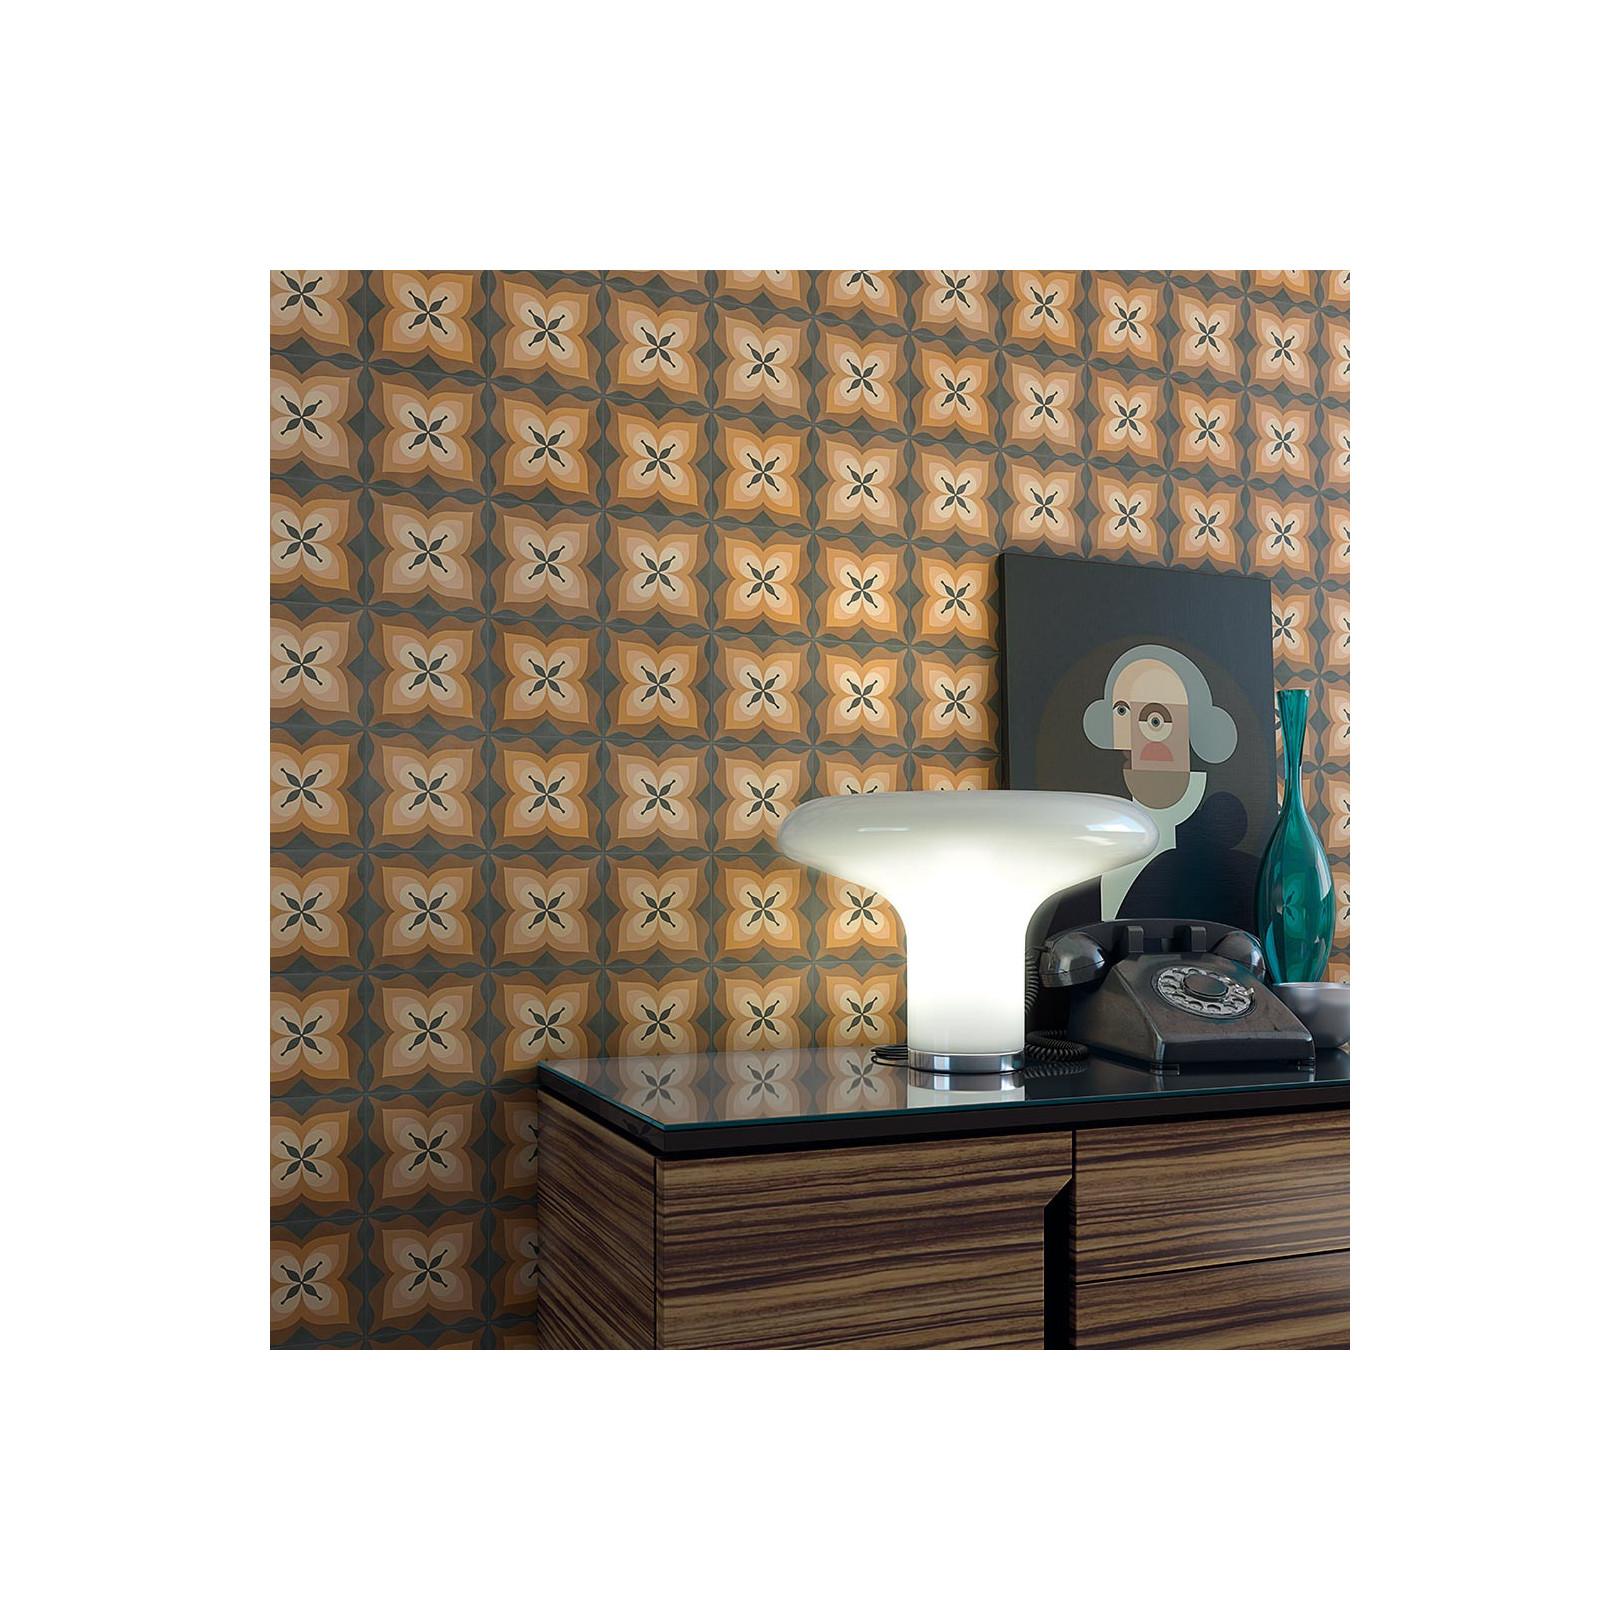 Carrelage grès cérame effet carreau ciment motif beige, brun et chocolat POP Tile Bethel 15x15cm